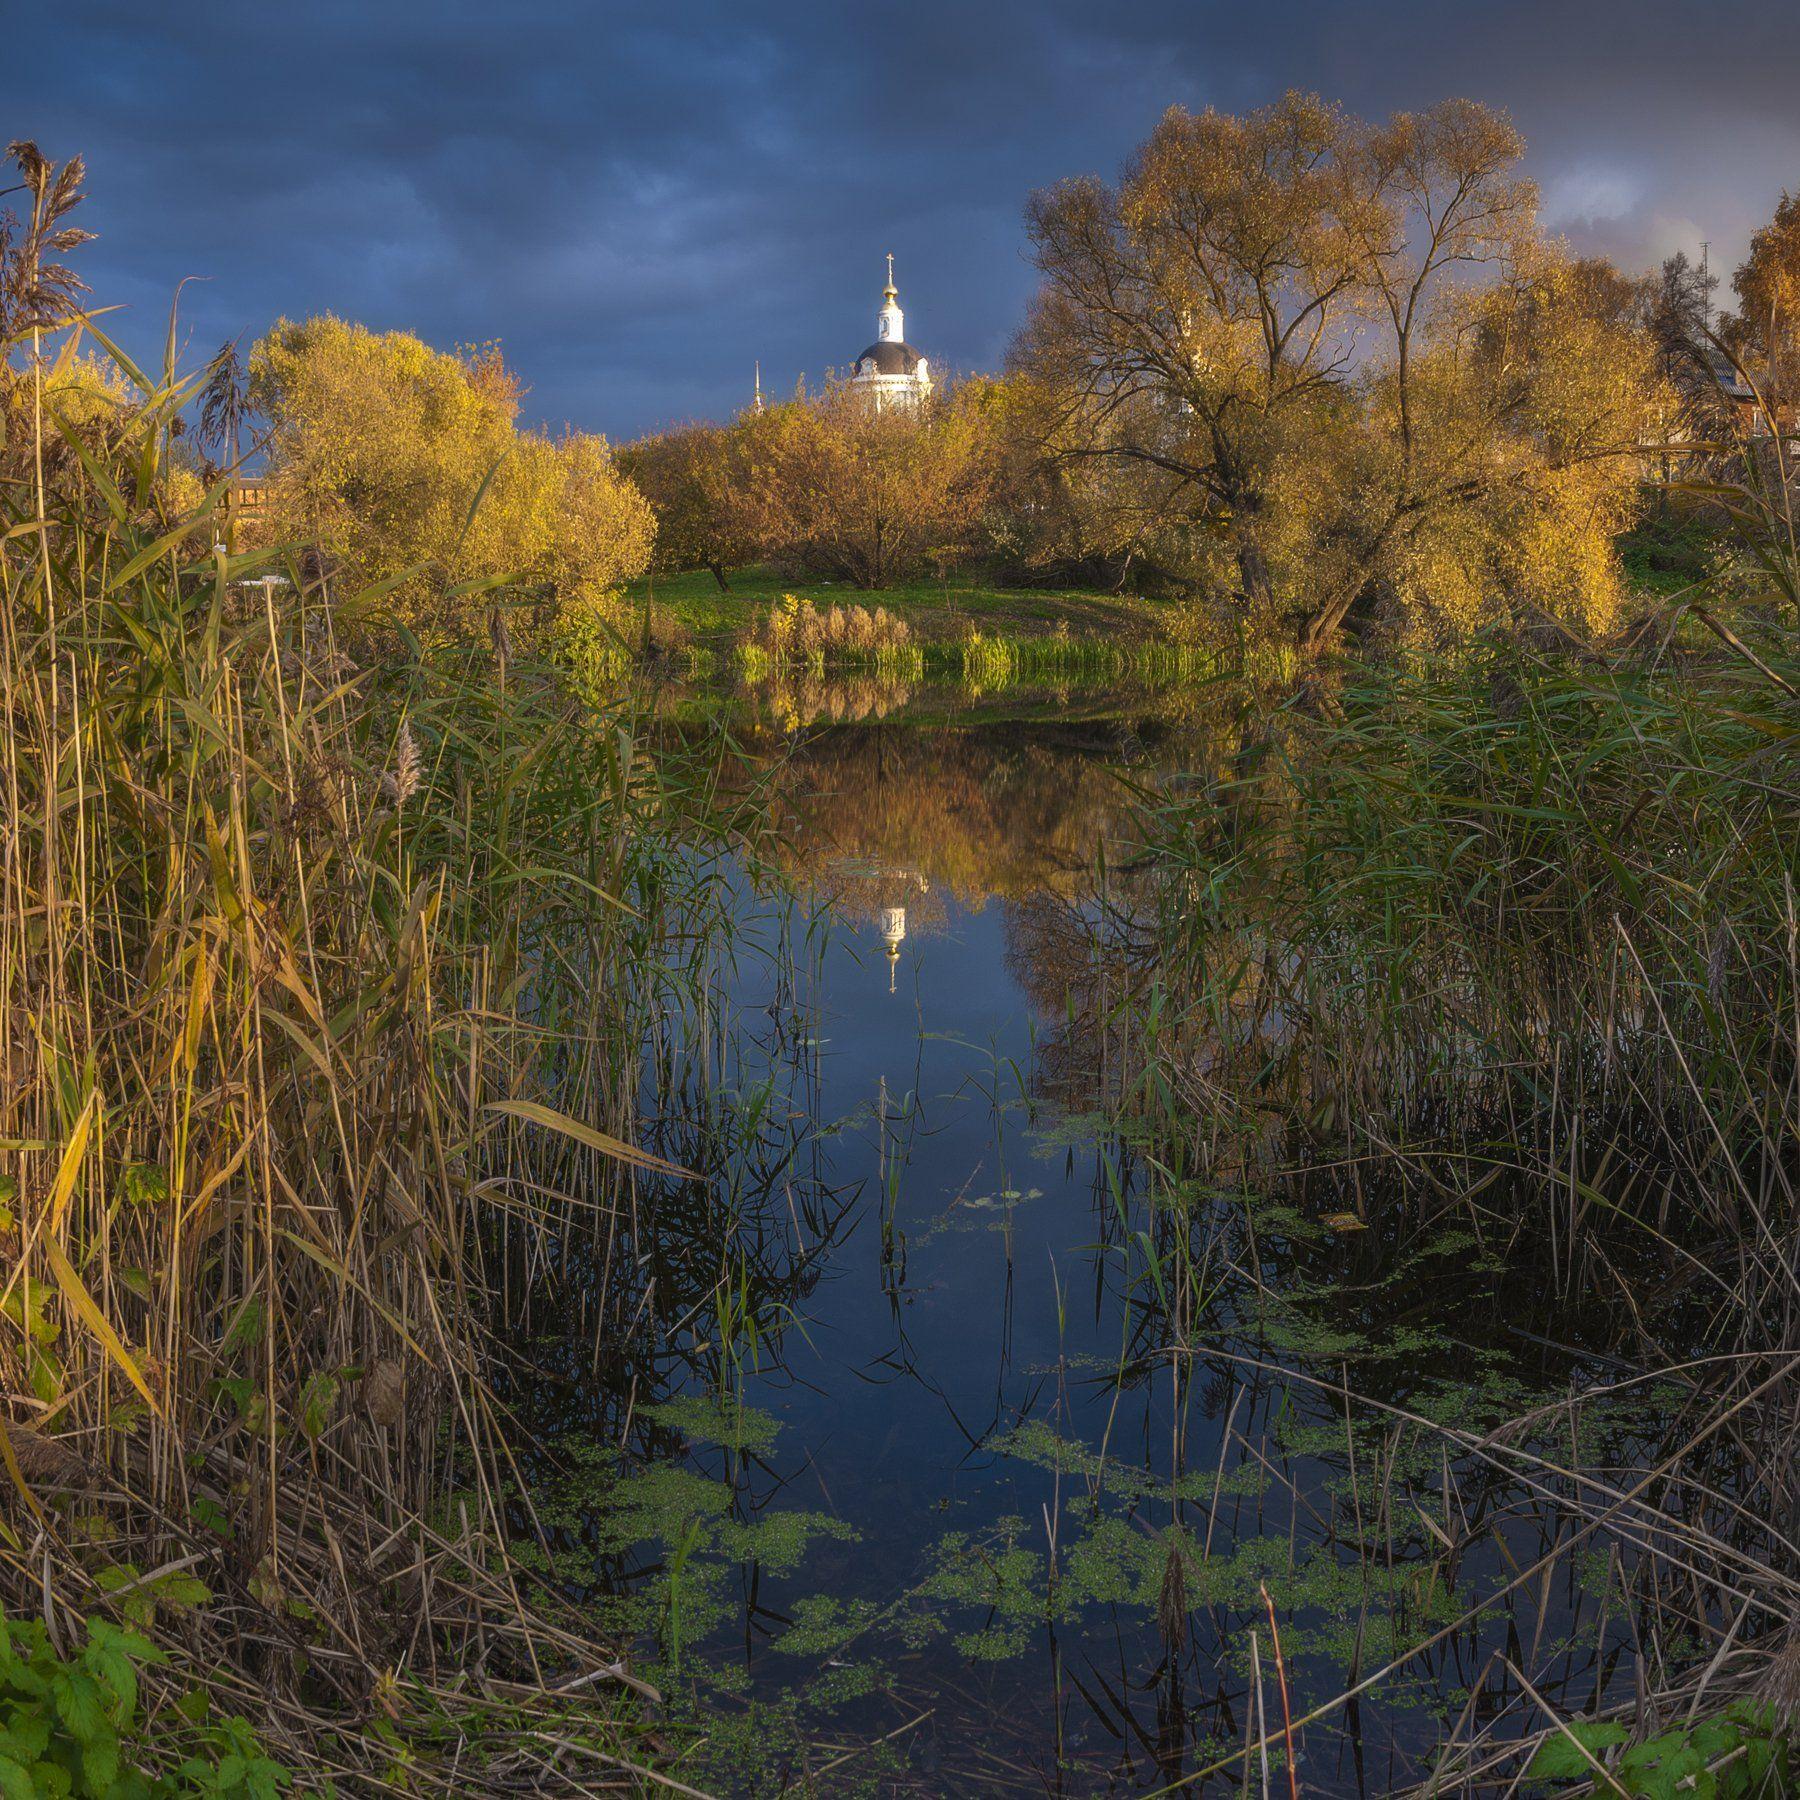 осень, храм, росиия,путешествие, природа, пейзаж, коломна, закат, небо, река, Павел Ныриков